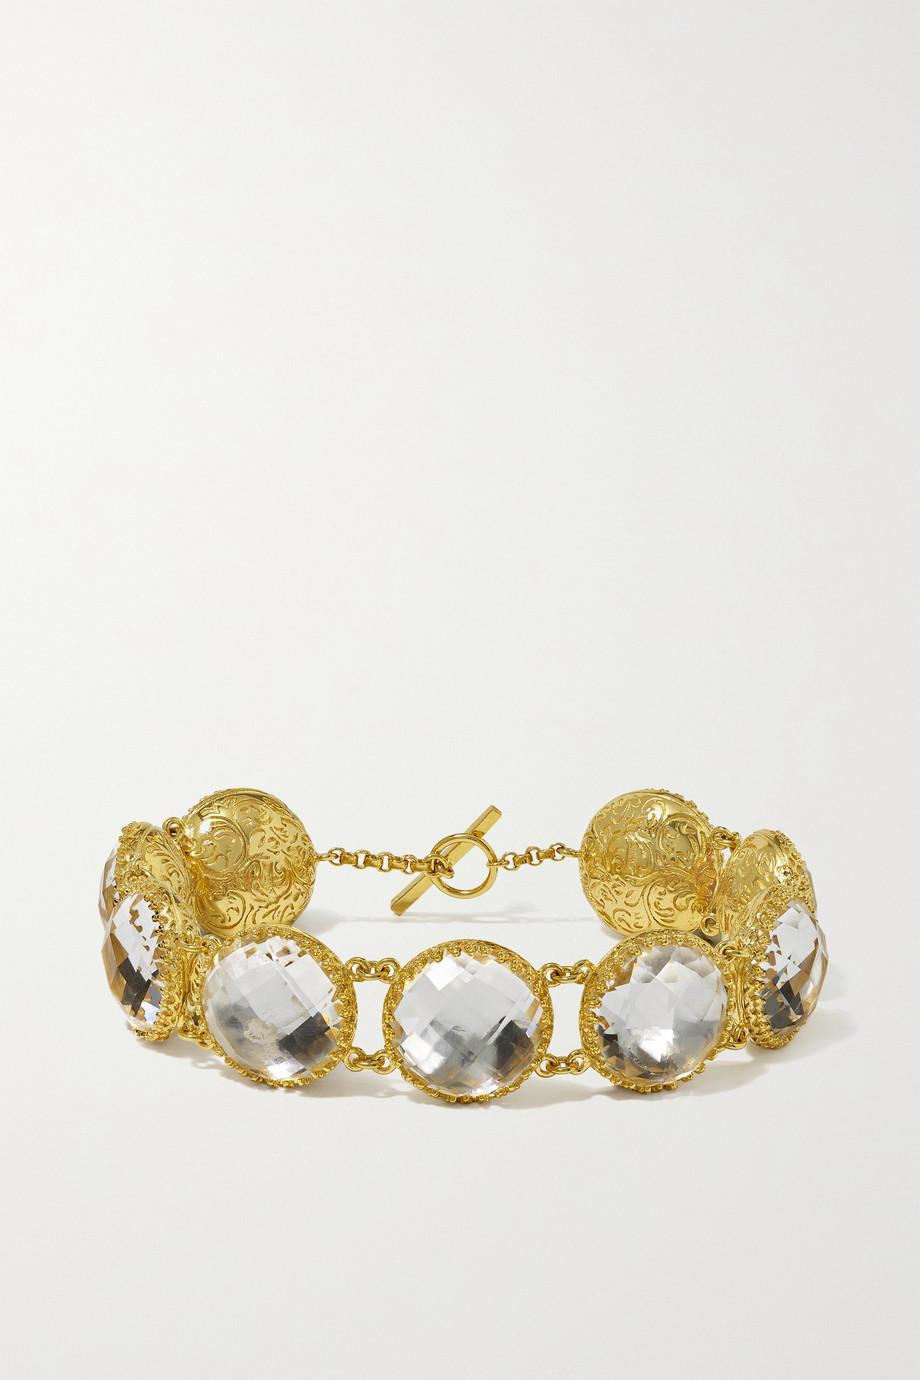 Larkspur & Hawk Olivia Button gold-dipped quartz bracelet